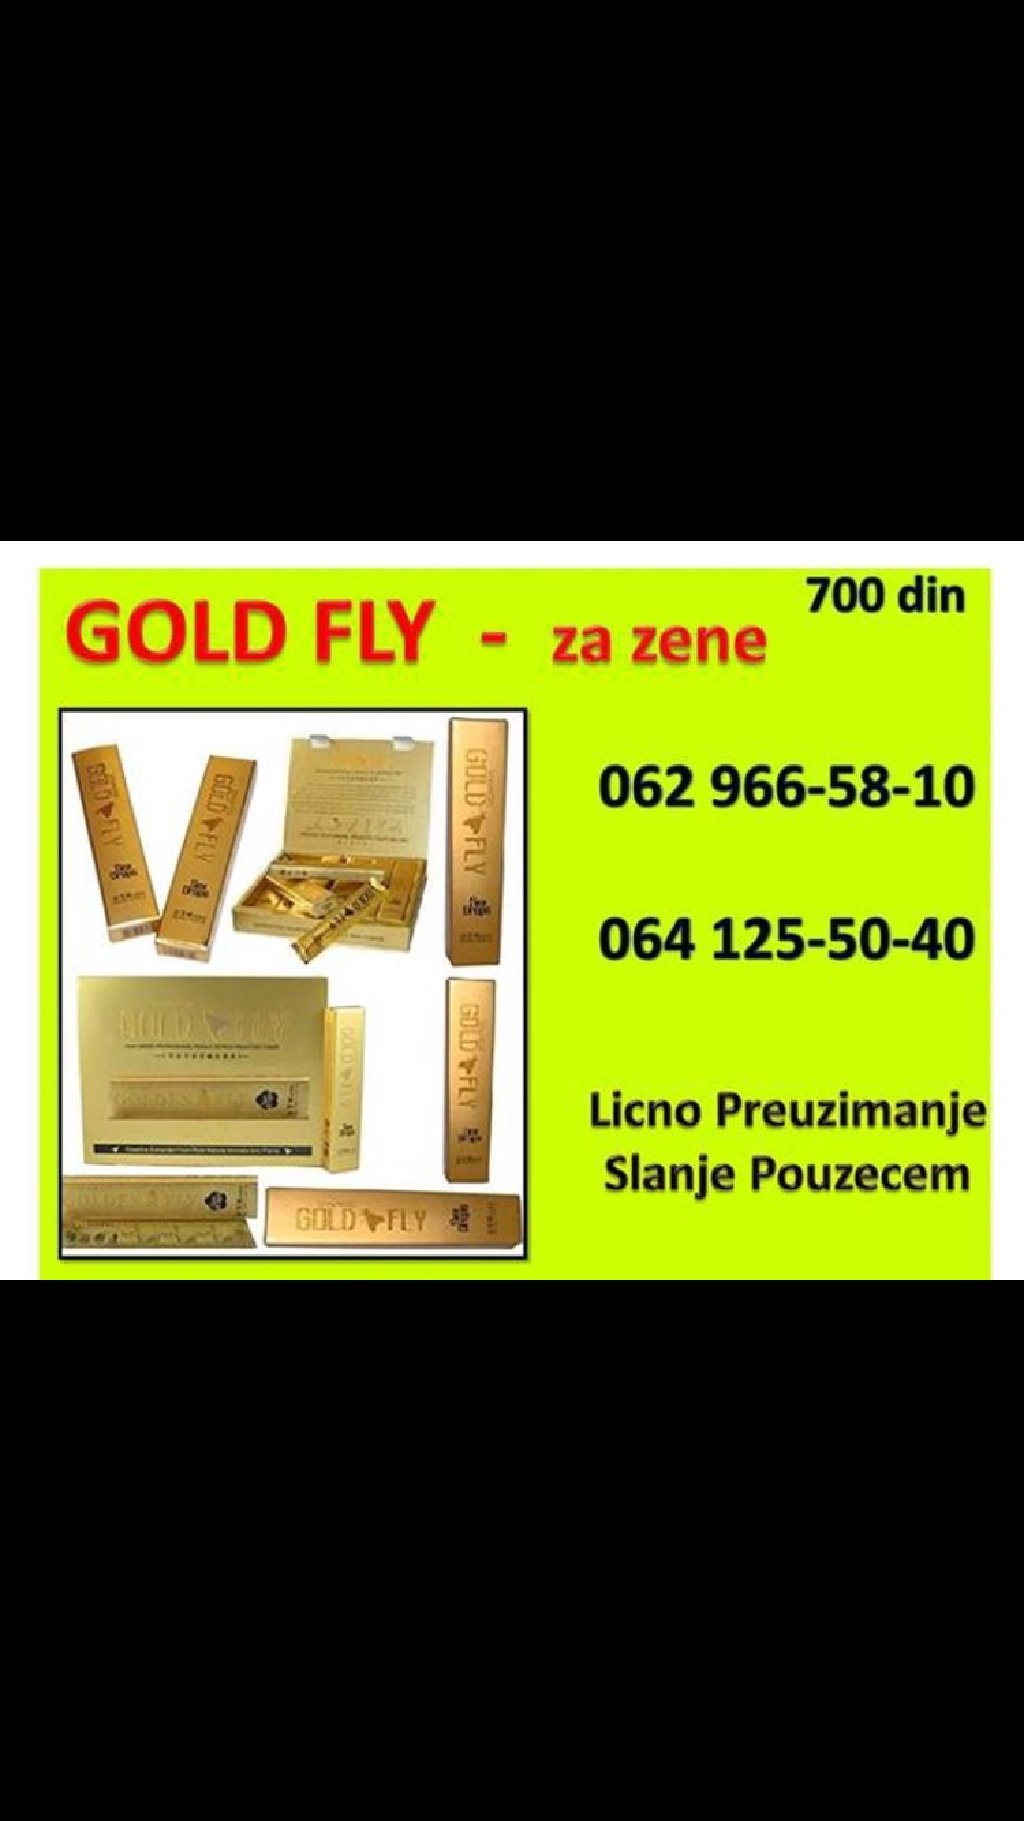 Gold fly! Spanska musica